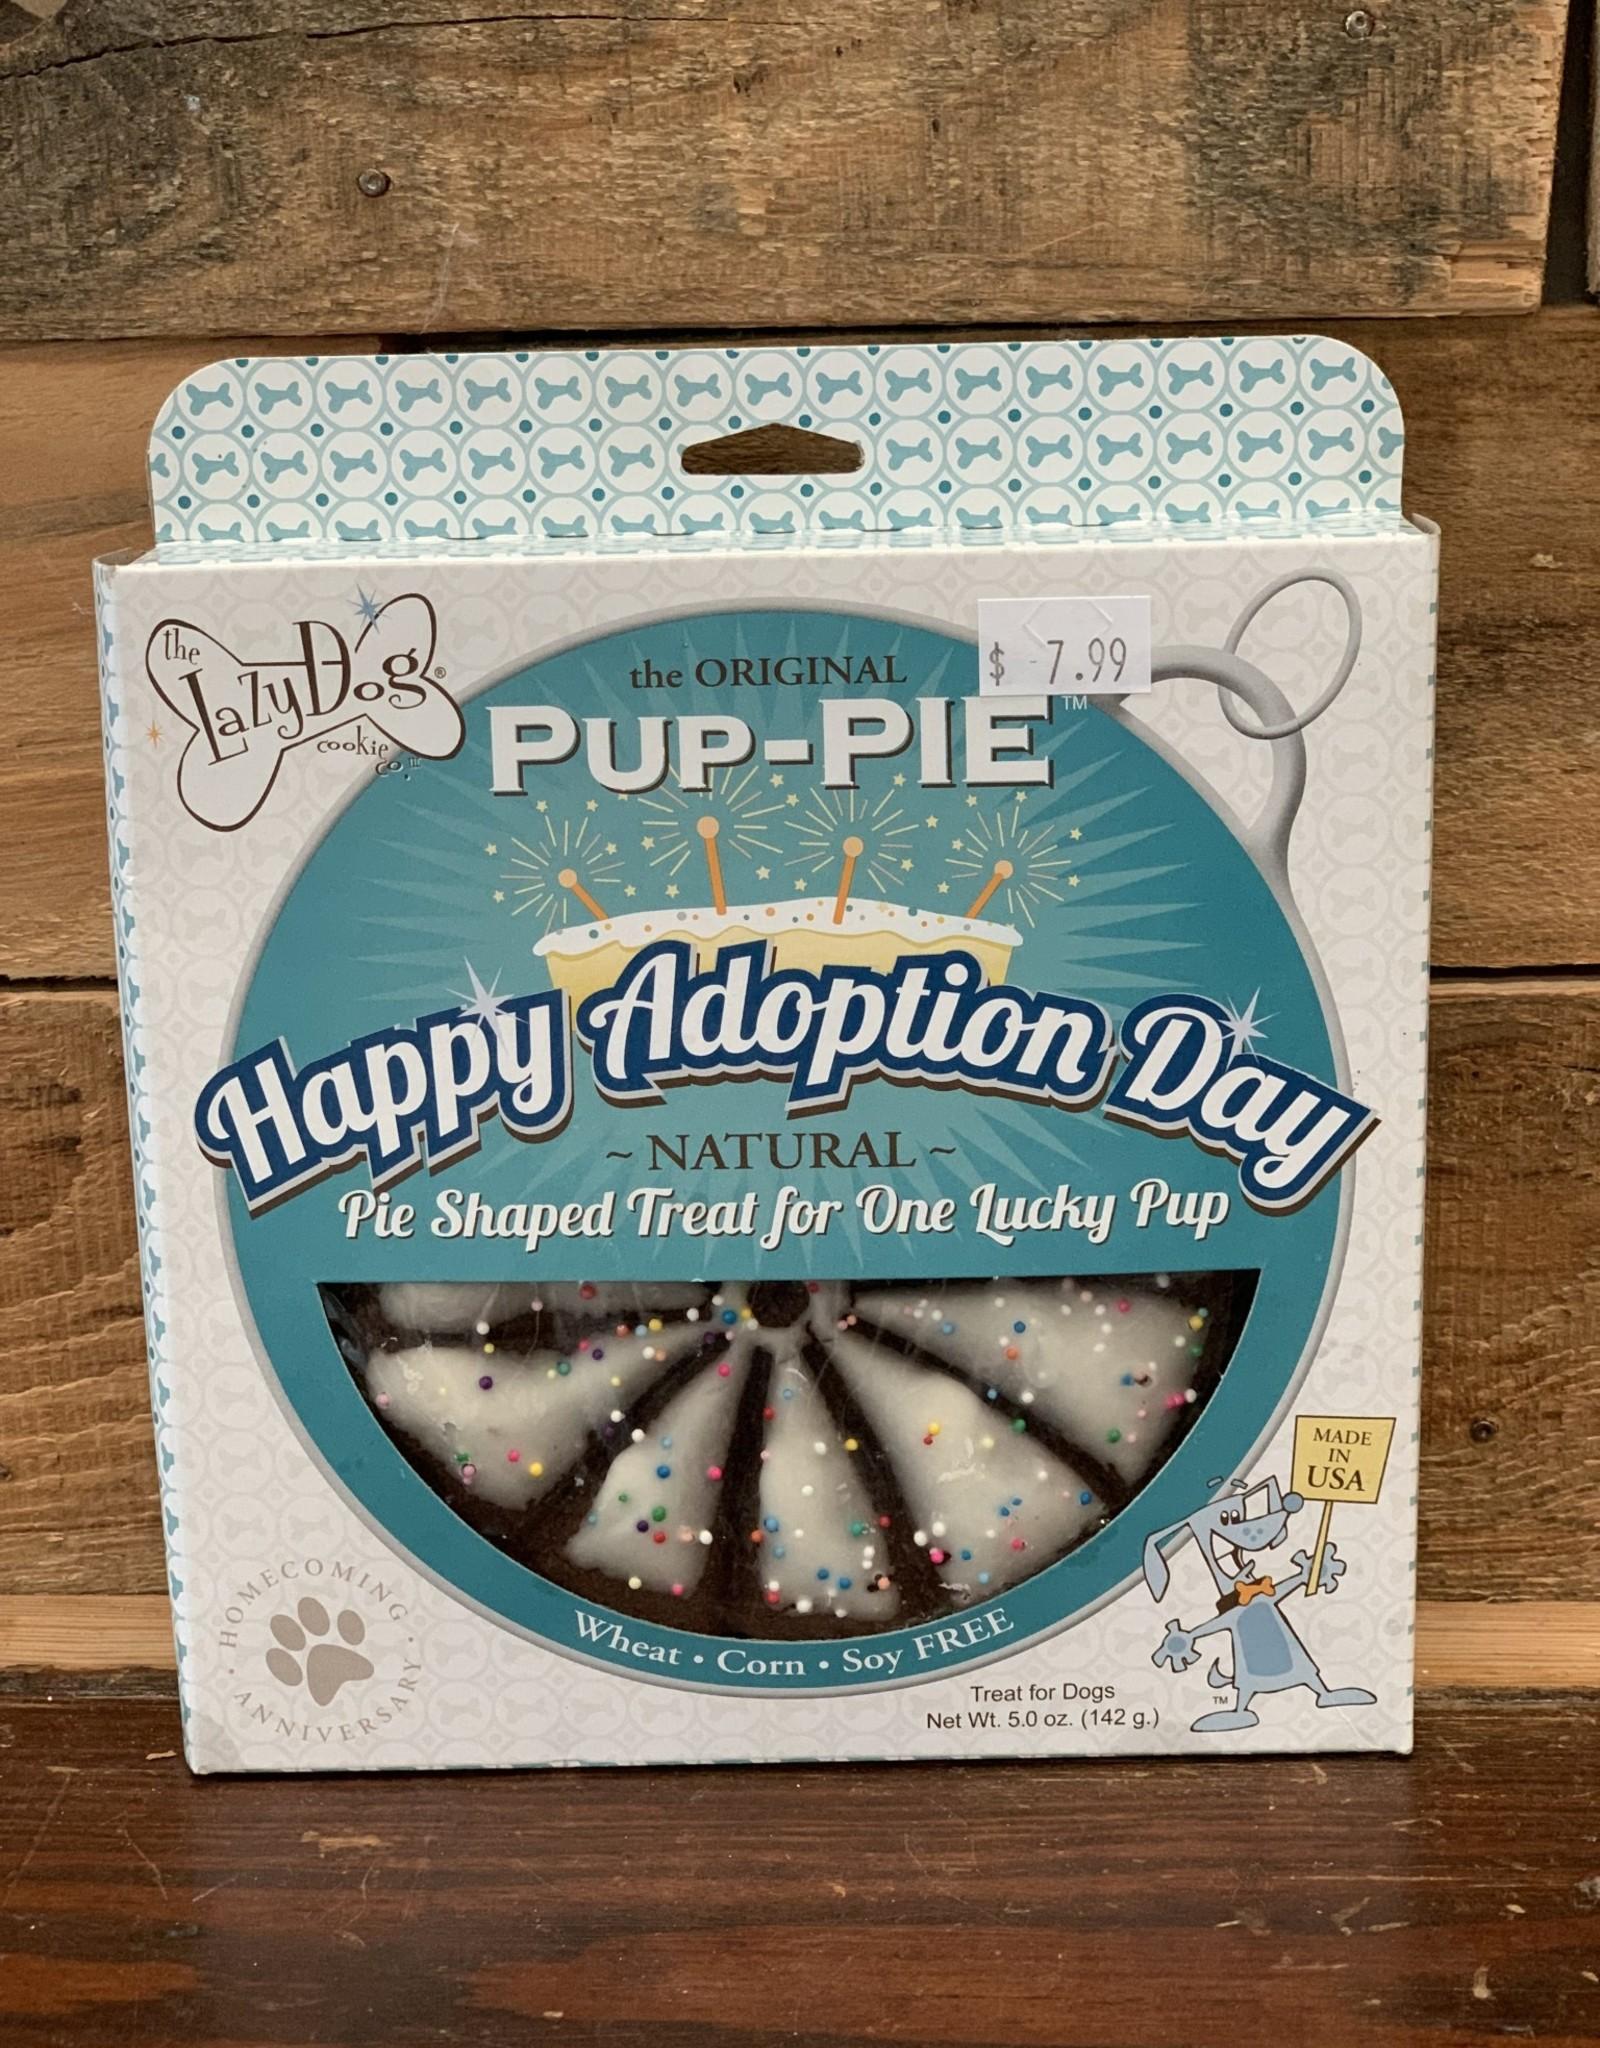 The Lazy Dog Adoption Dog Day